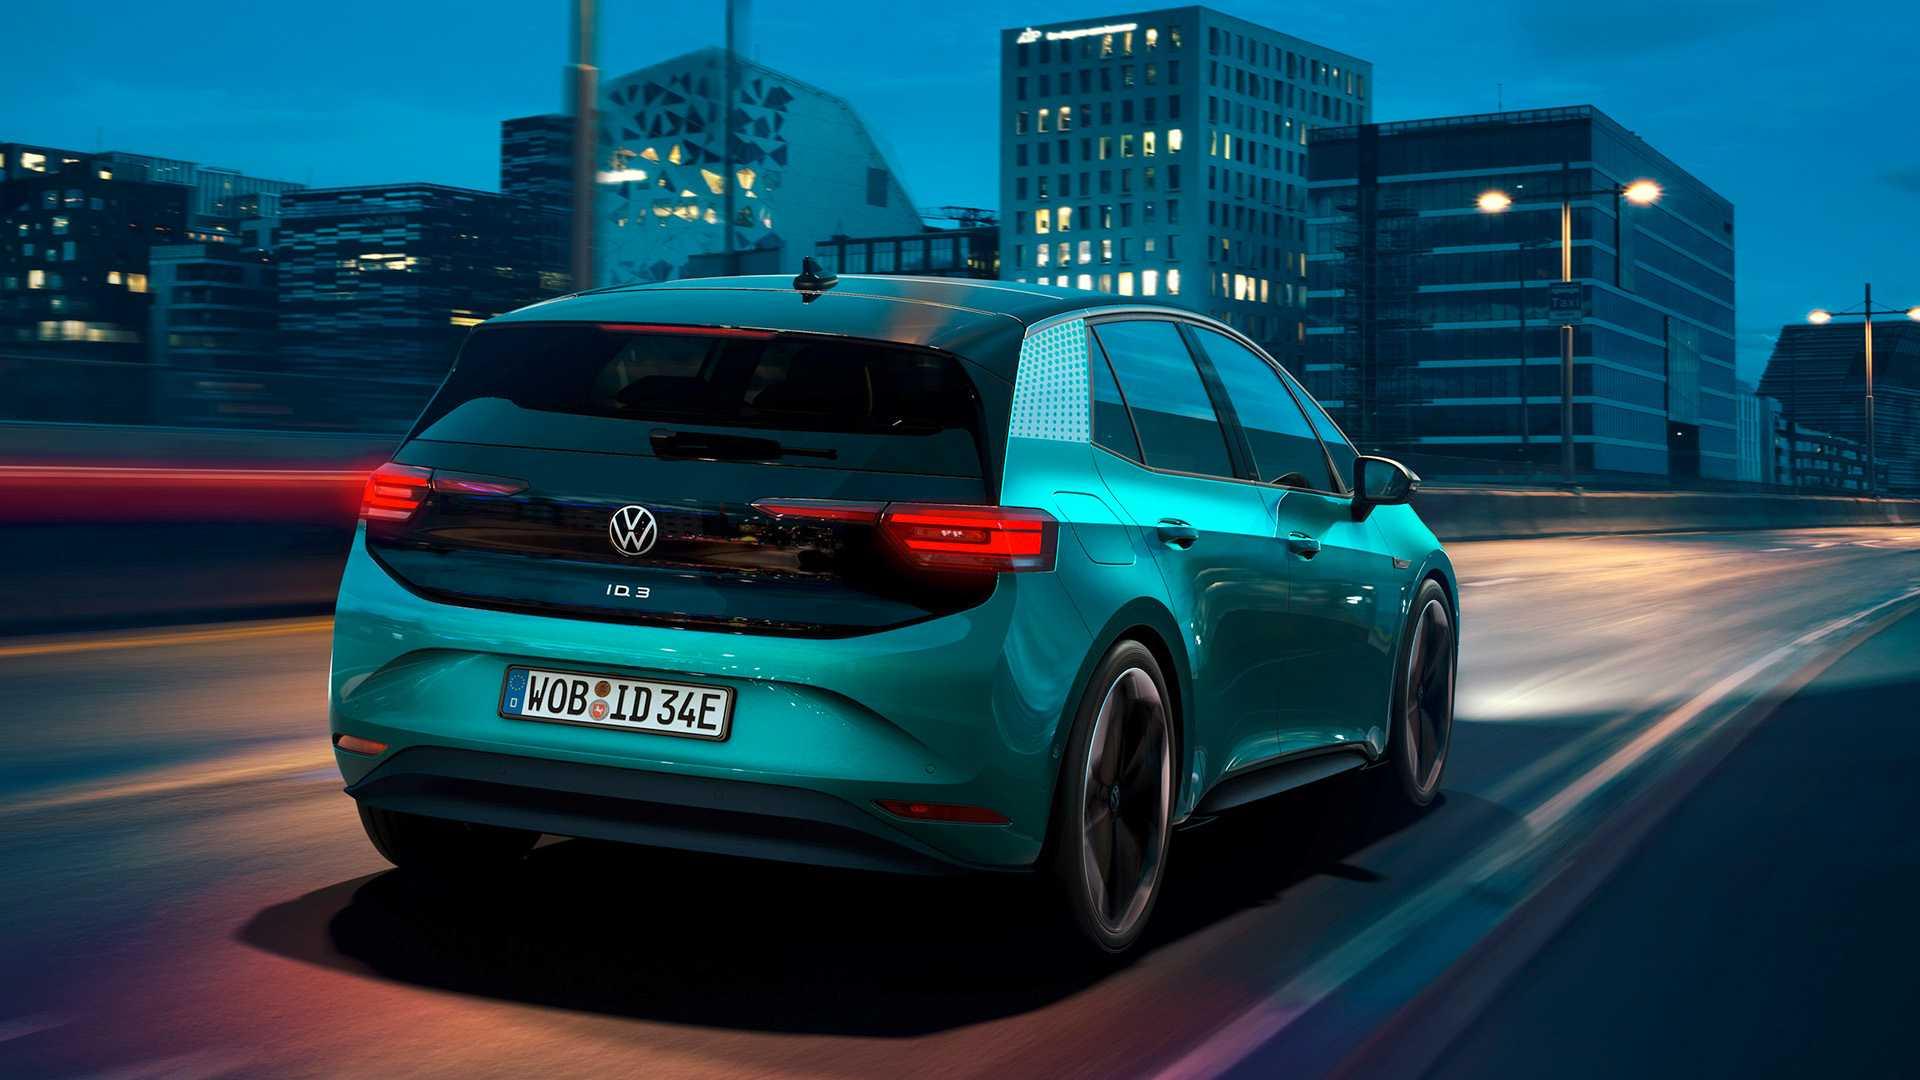 volkswagen-id-3-2019-12